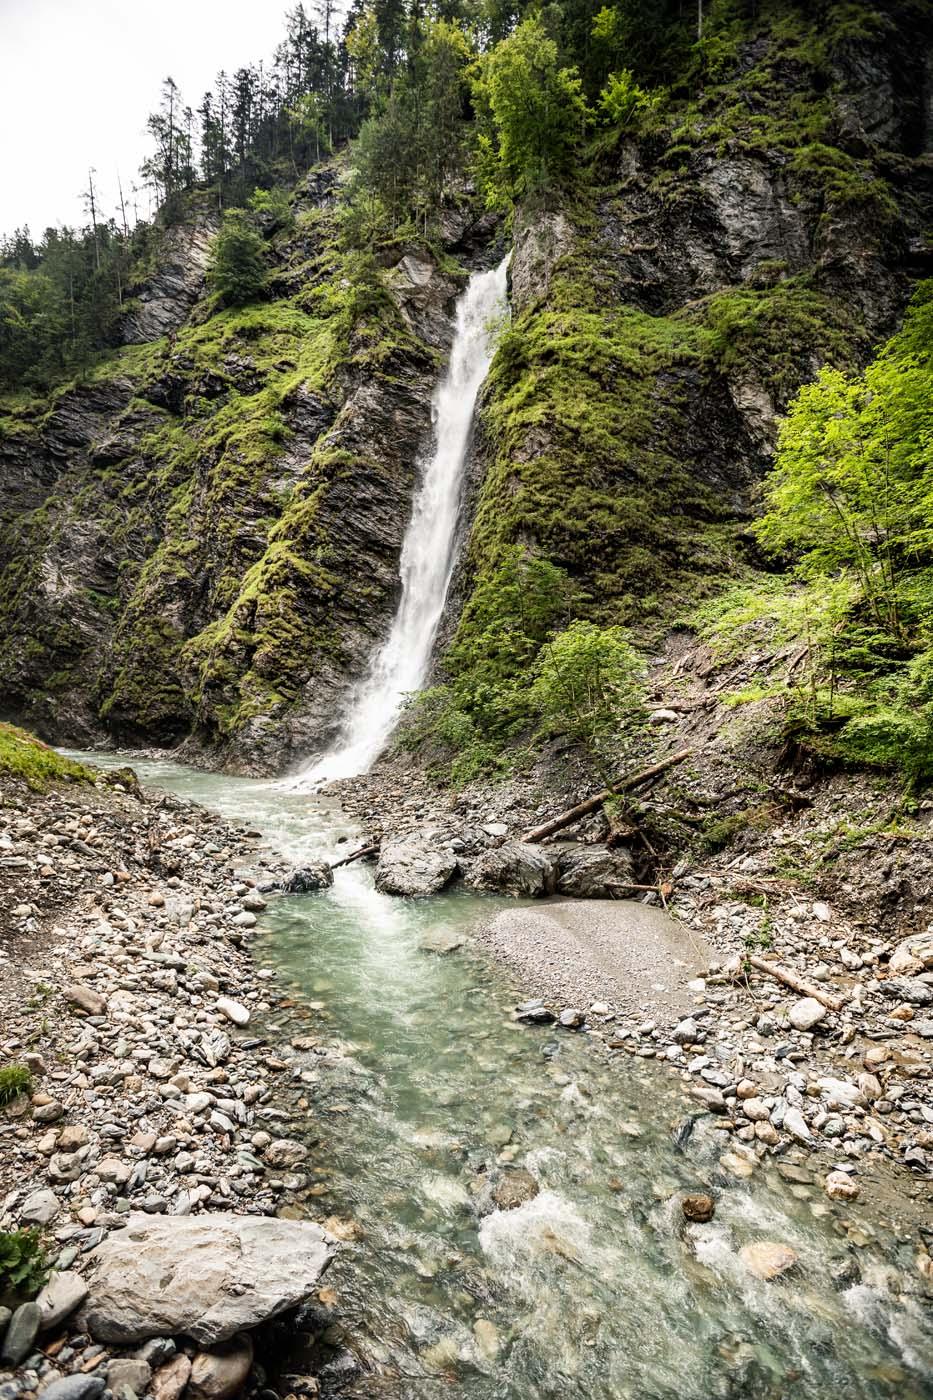 Wasserfall, Wiedereröffnung, Lieblingsplatz, Sehenswürdigkeit